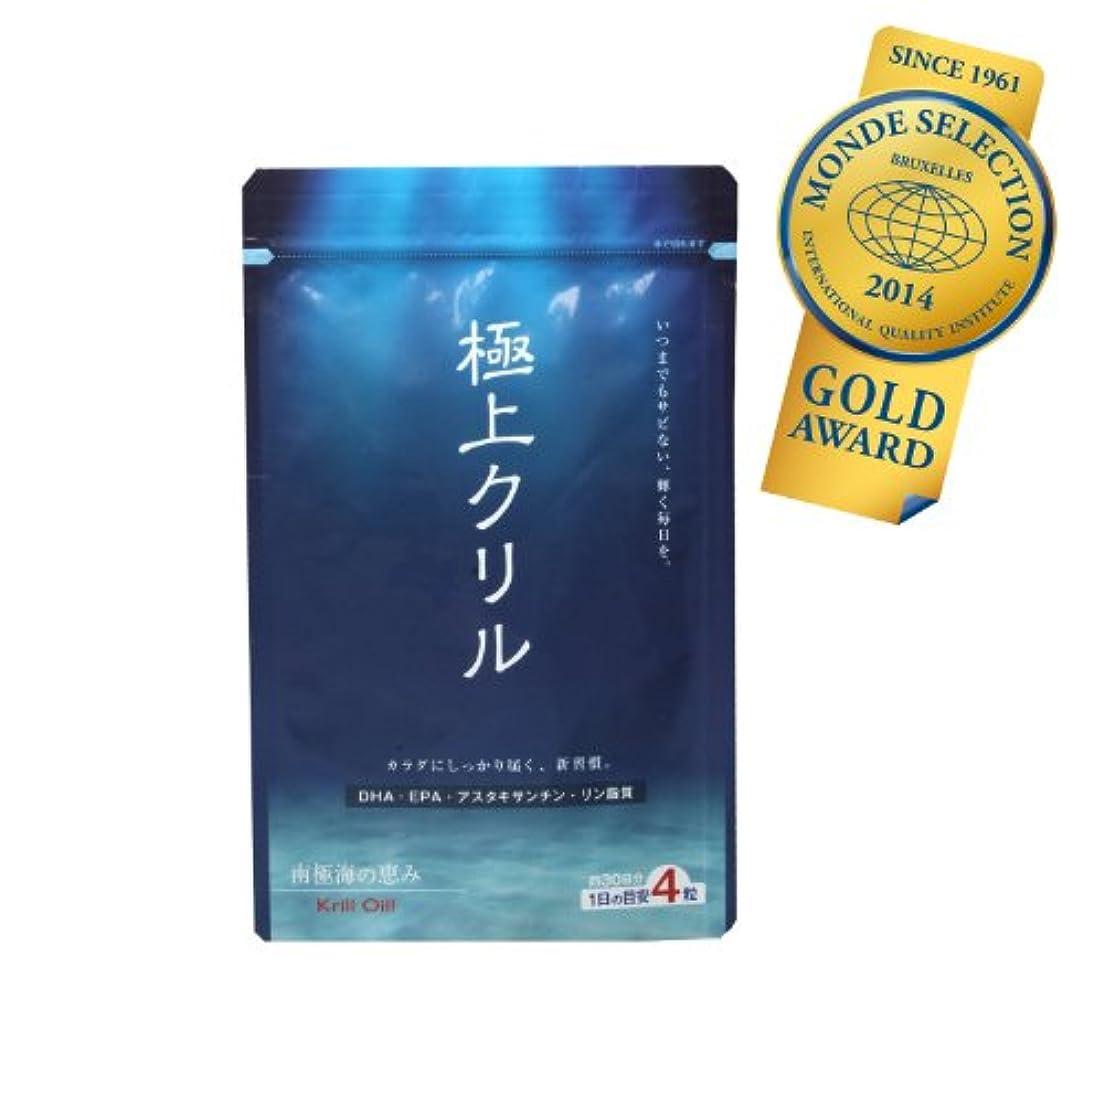 海港好戦的な偽極上クリル120粒 100%クリルオイル (約1ヶ月分) 日本製